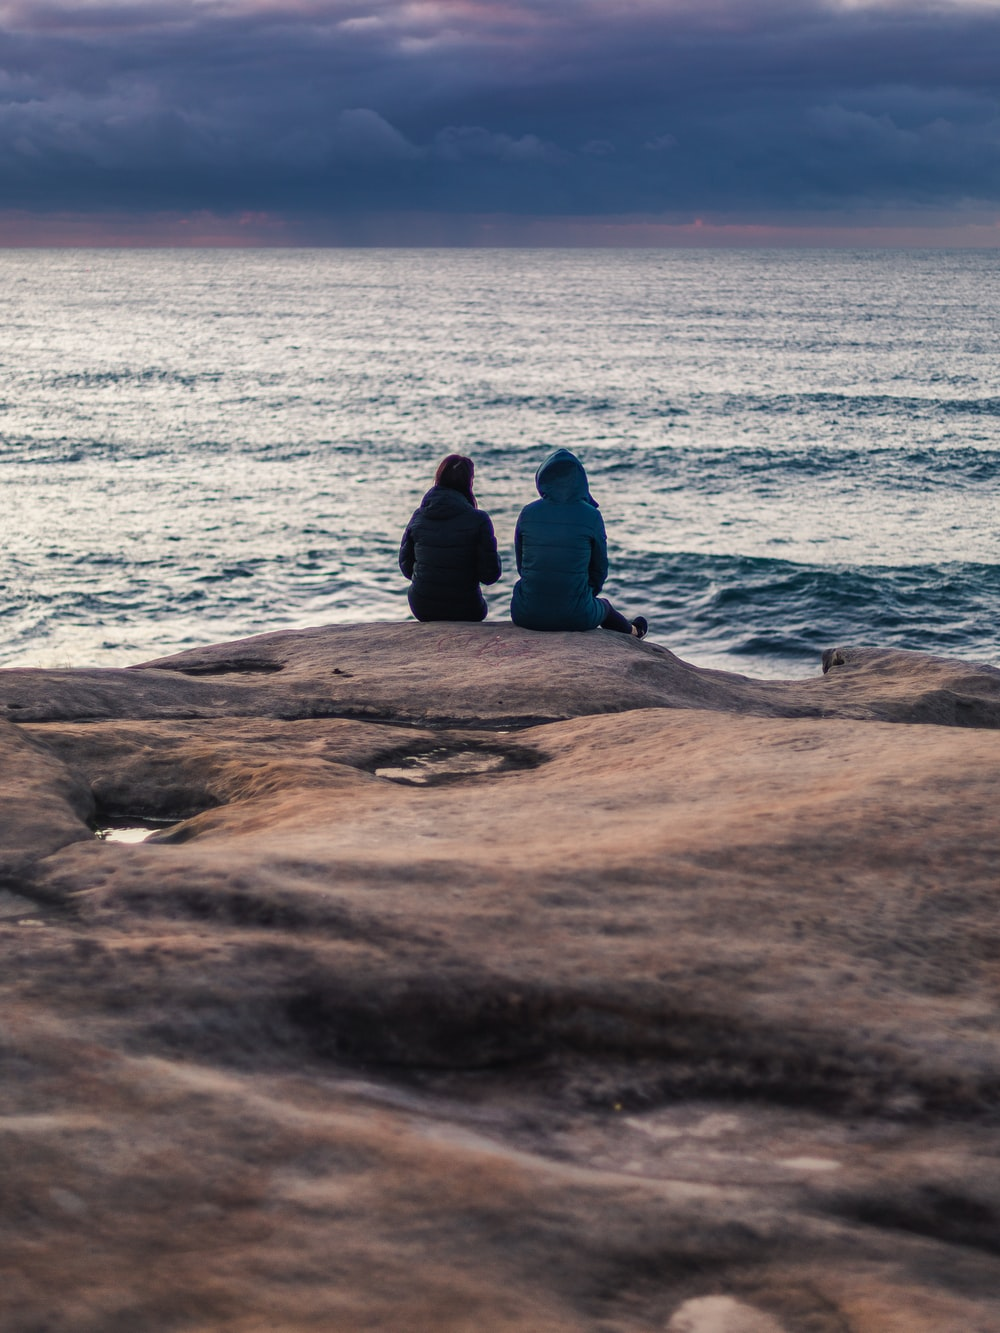 man in black jacket sitting on brown rock near sea during daytime